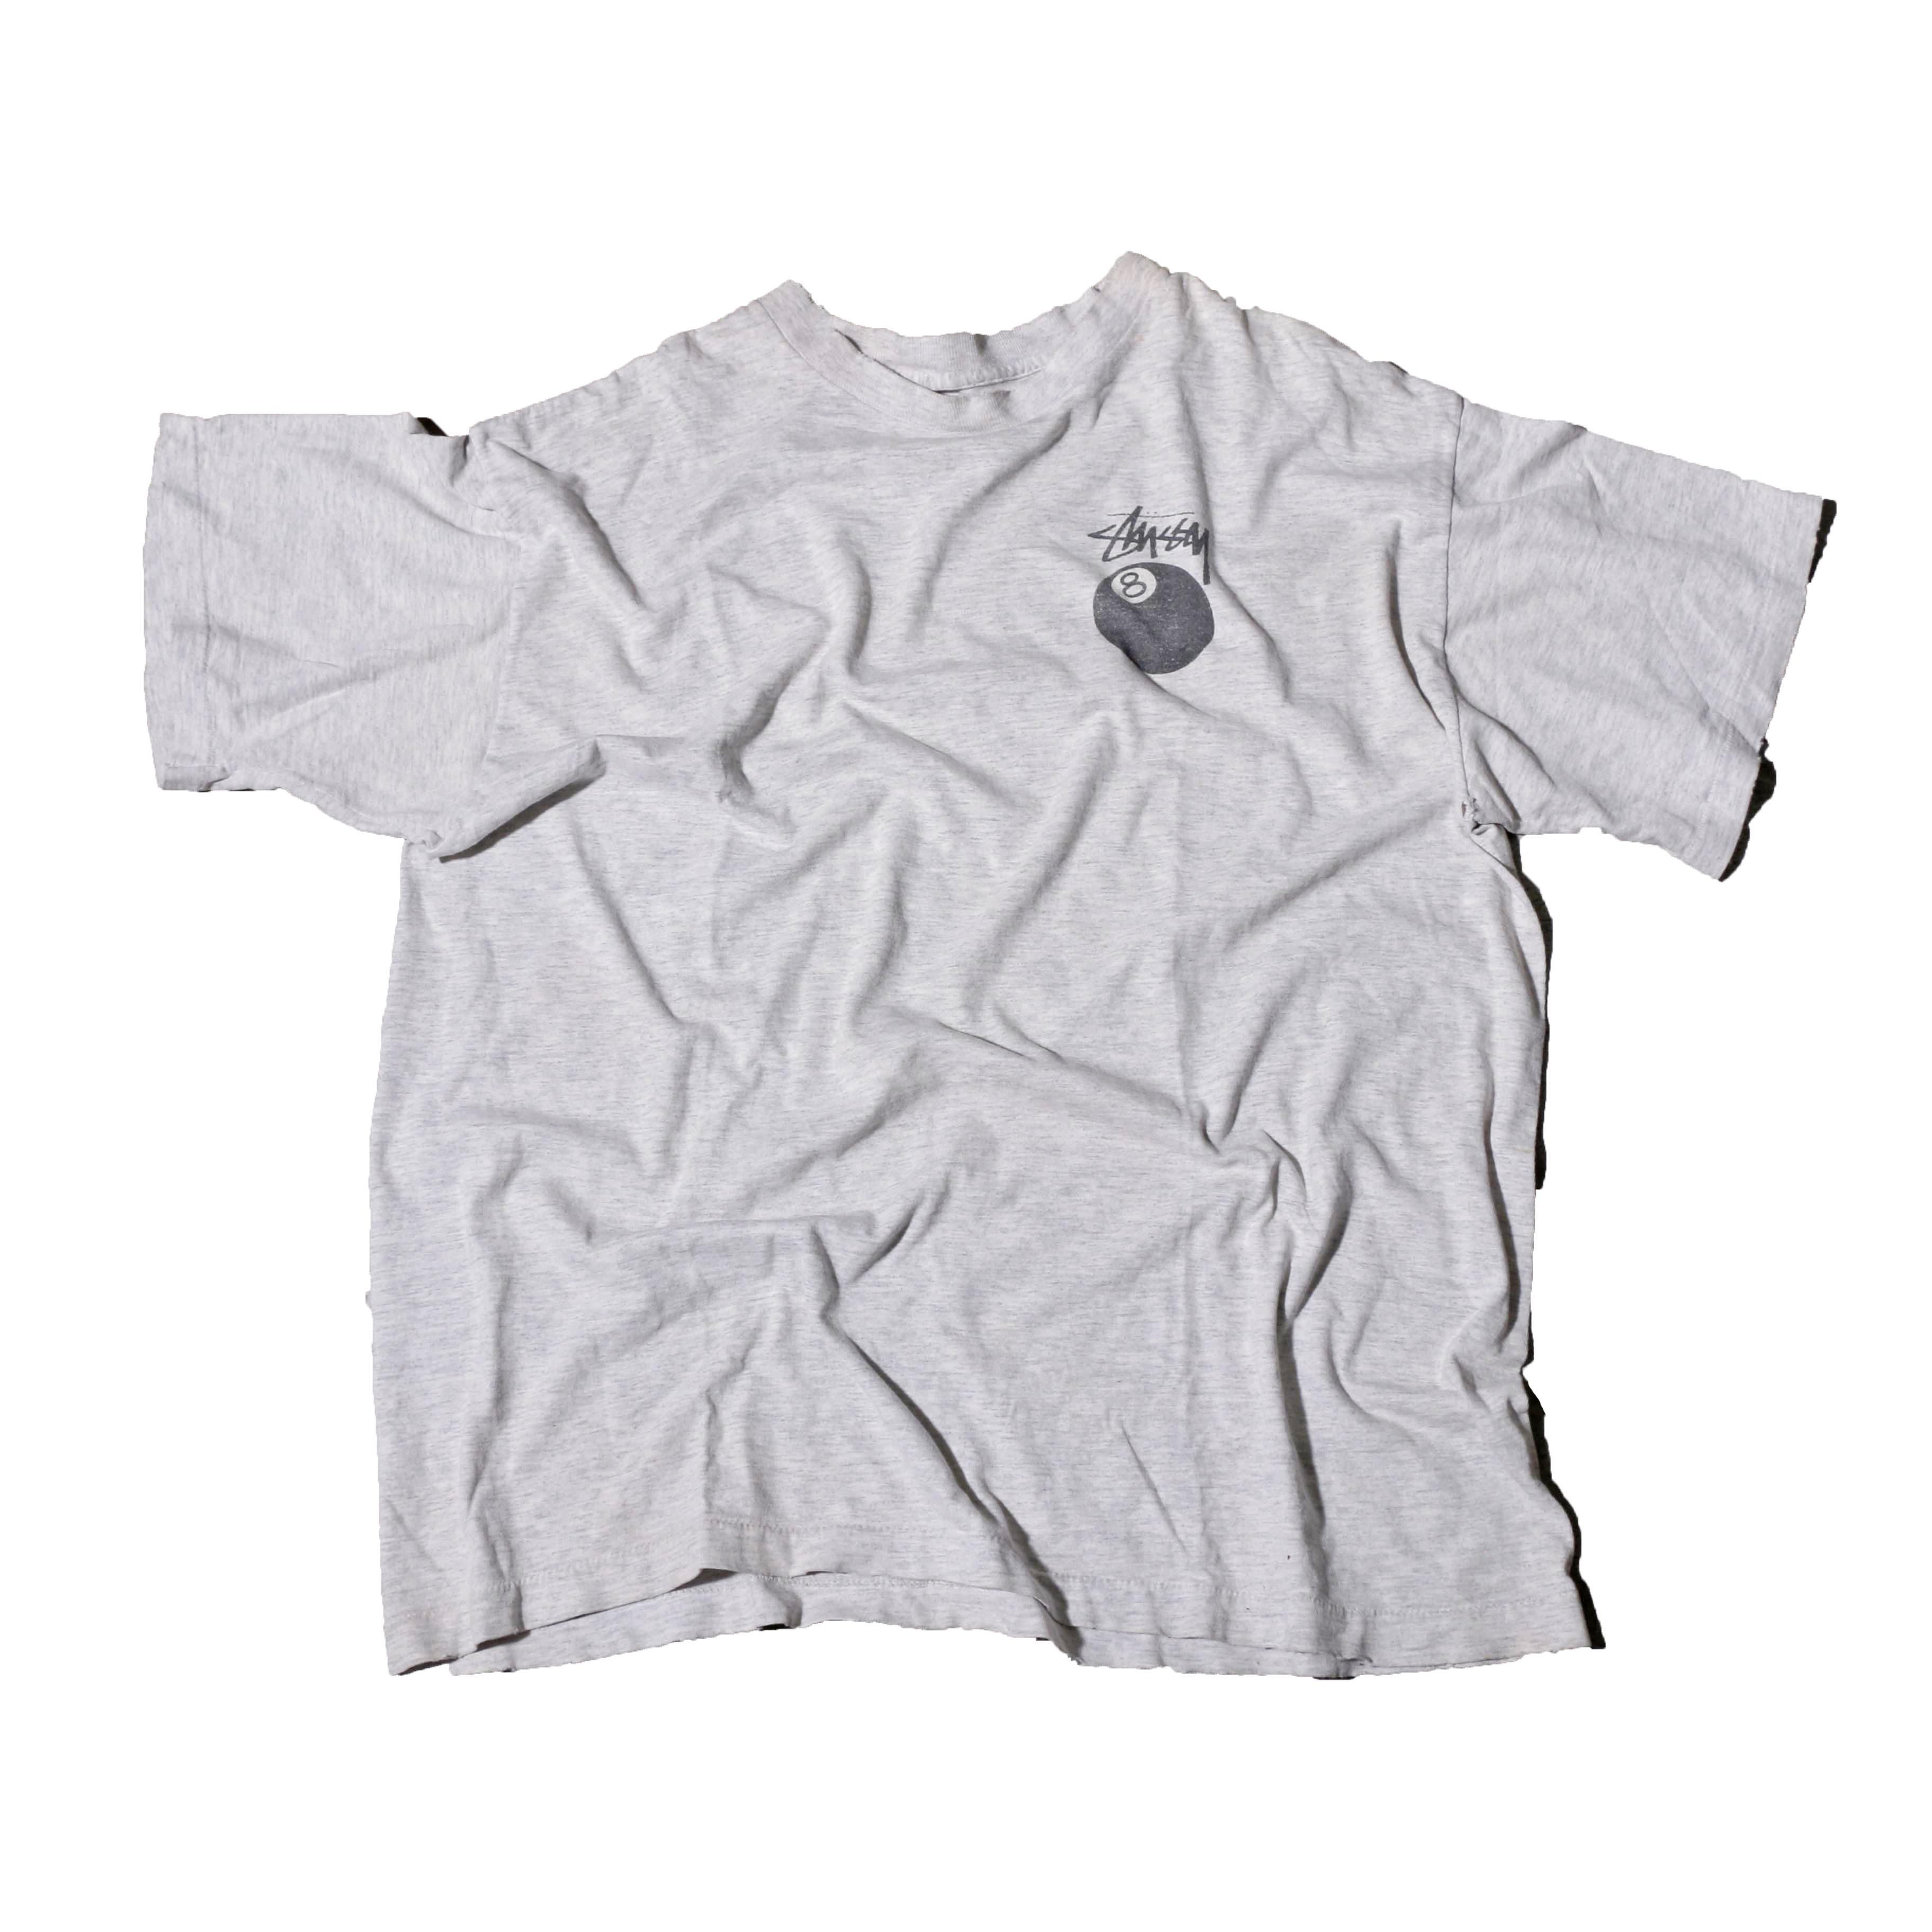 Stussy 80sVintage 8BallT-Shirts